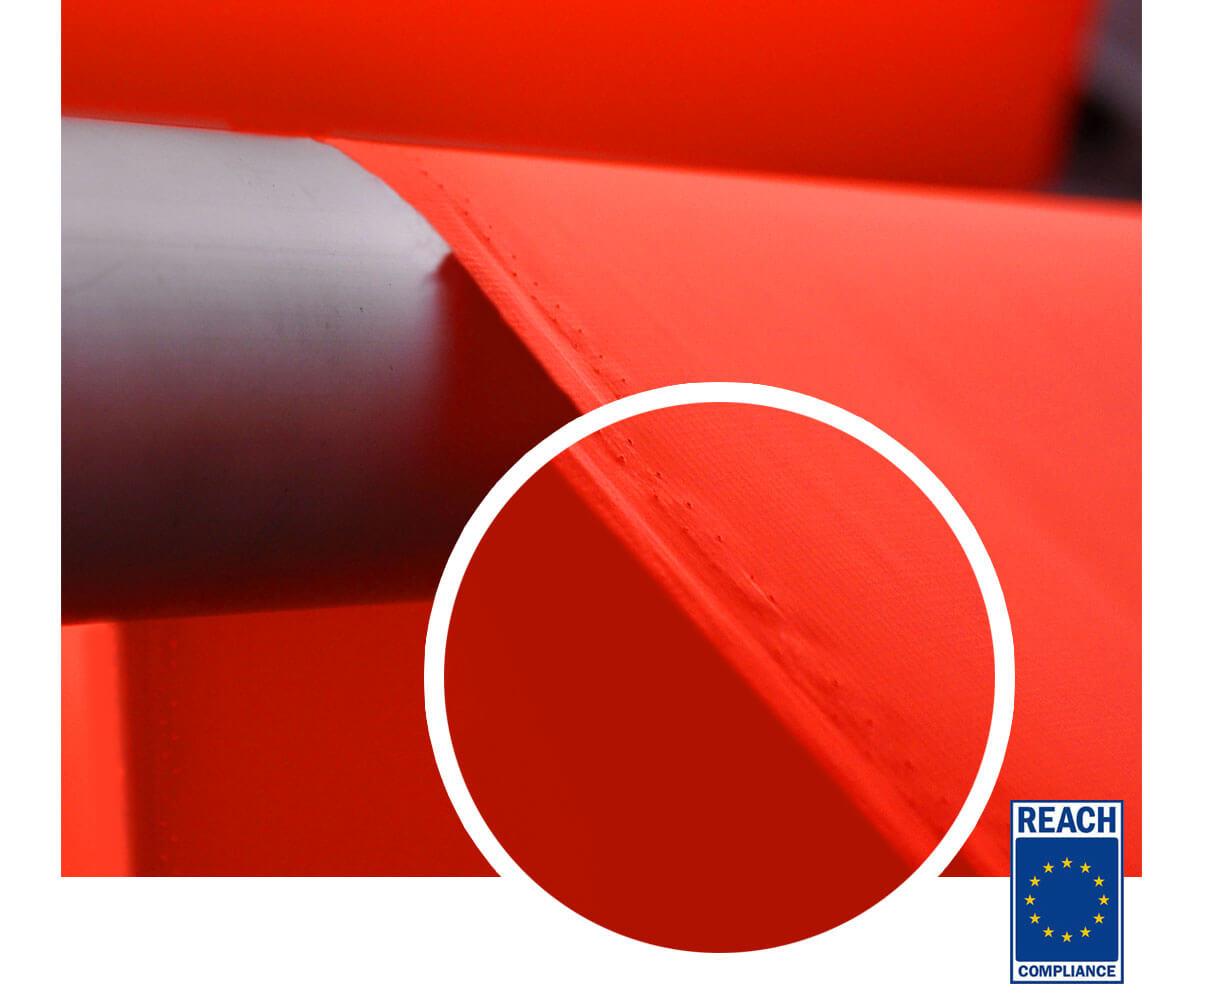 Delfitex - I nostri prodotti rispetto la regolamentazione REACH e sono privi di sostanze nocive per l'uomo